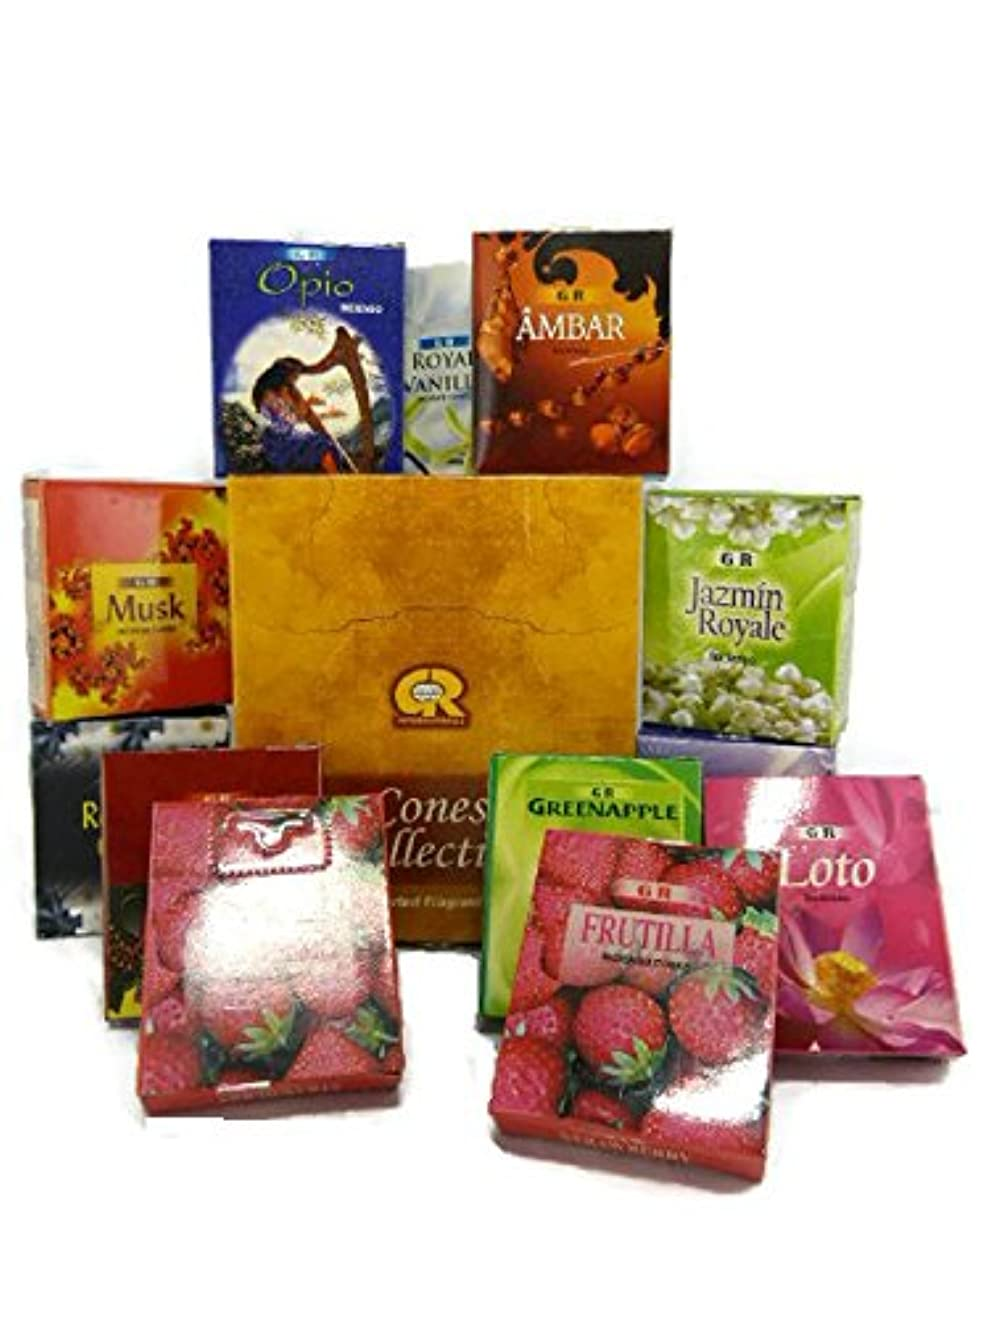 薄汚い投獄ゼロCones collection- 12 Fragrances in aボックス。